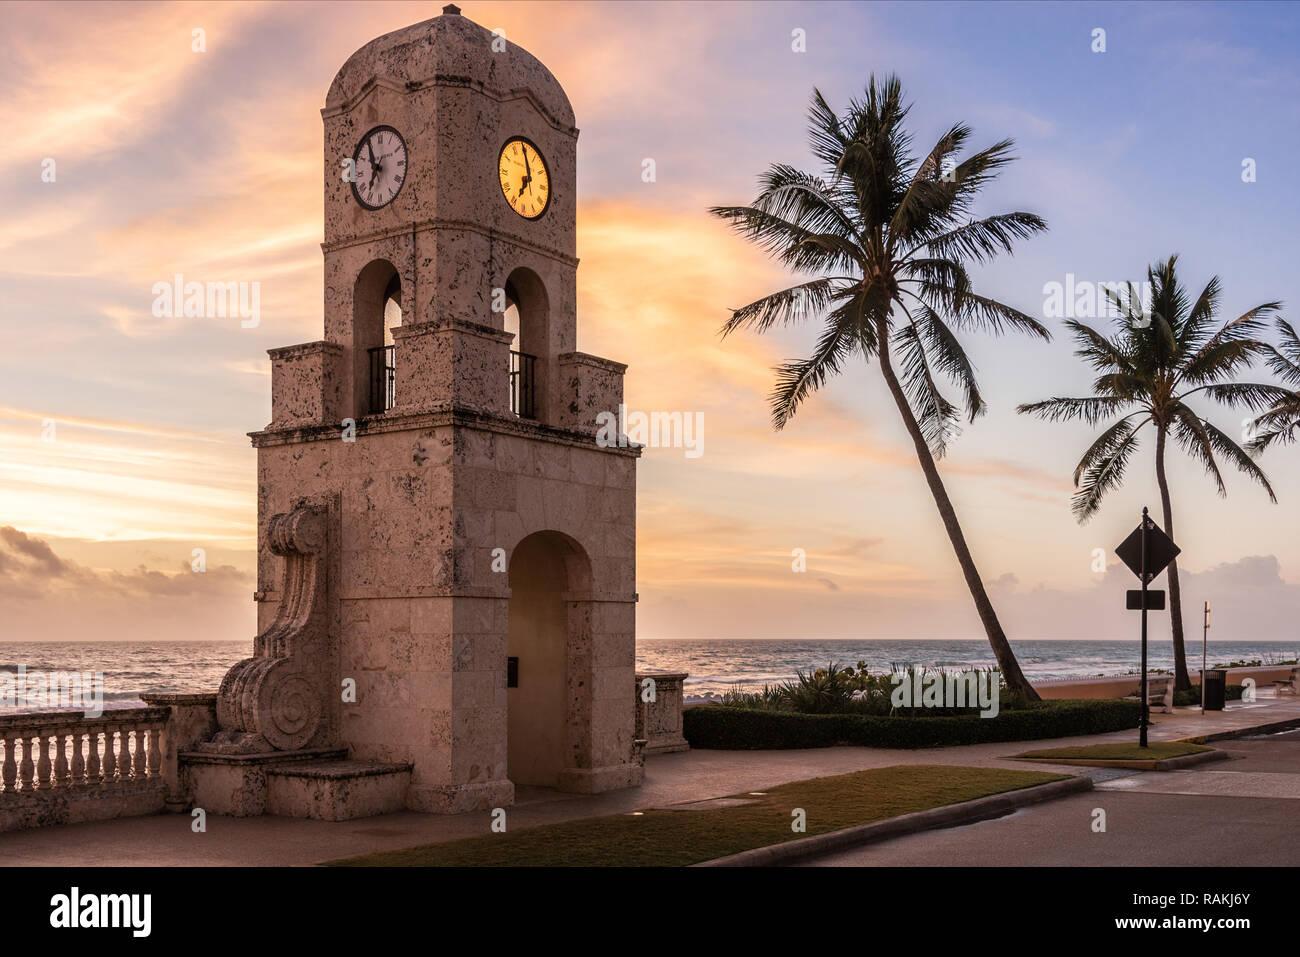 Icónica torre del reloj a la entrada de Worth Avenue en el paseo marítimo a lo largo de South Ocean Boulevard en Palm Beach, Florida. (Ee.Uu.) Foto de stock